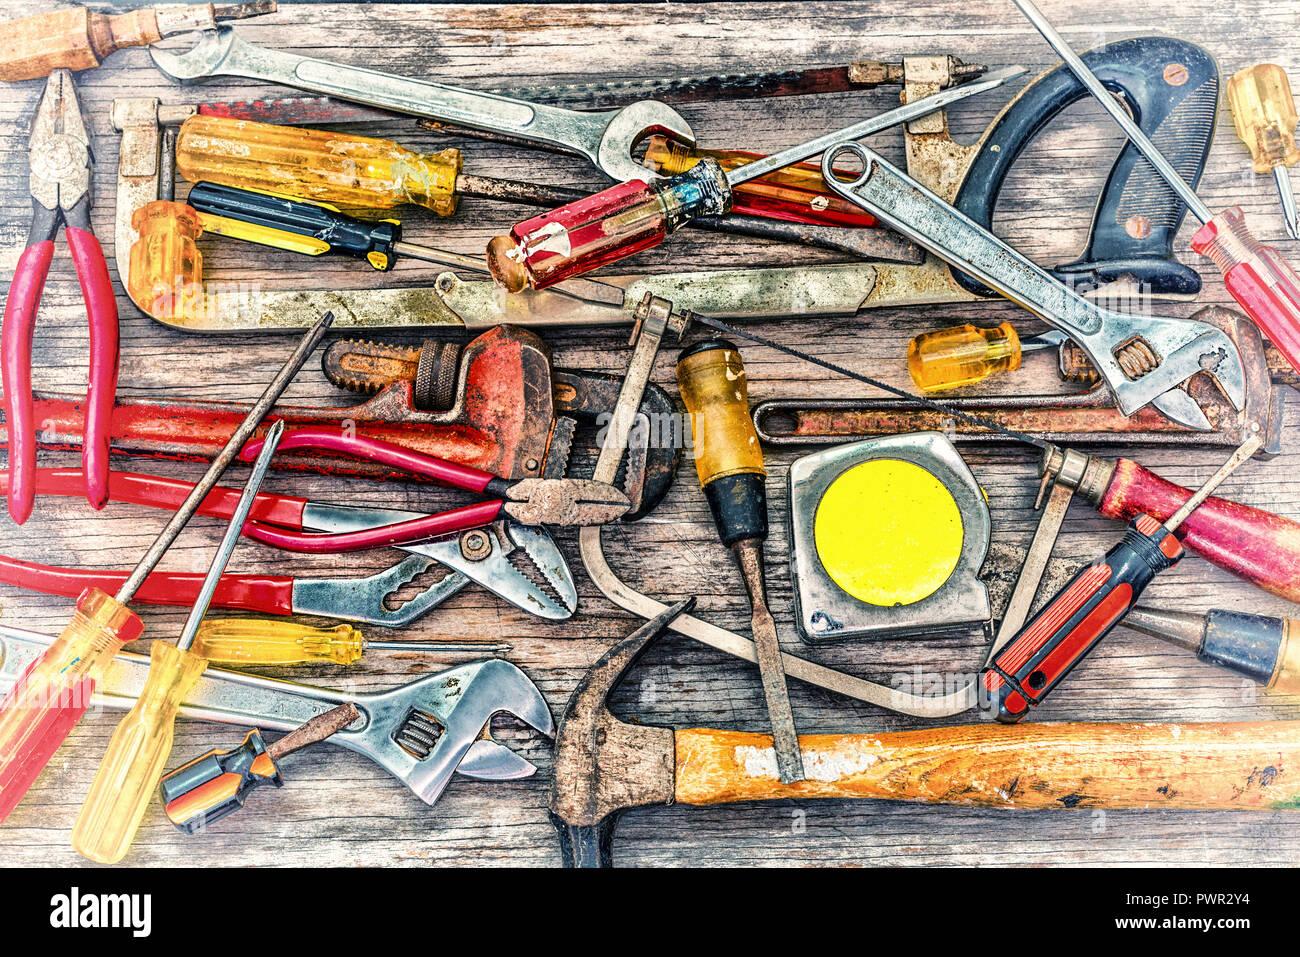 Colección de herramientas de carpintería. Foto de stock